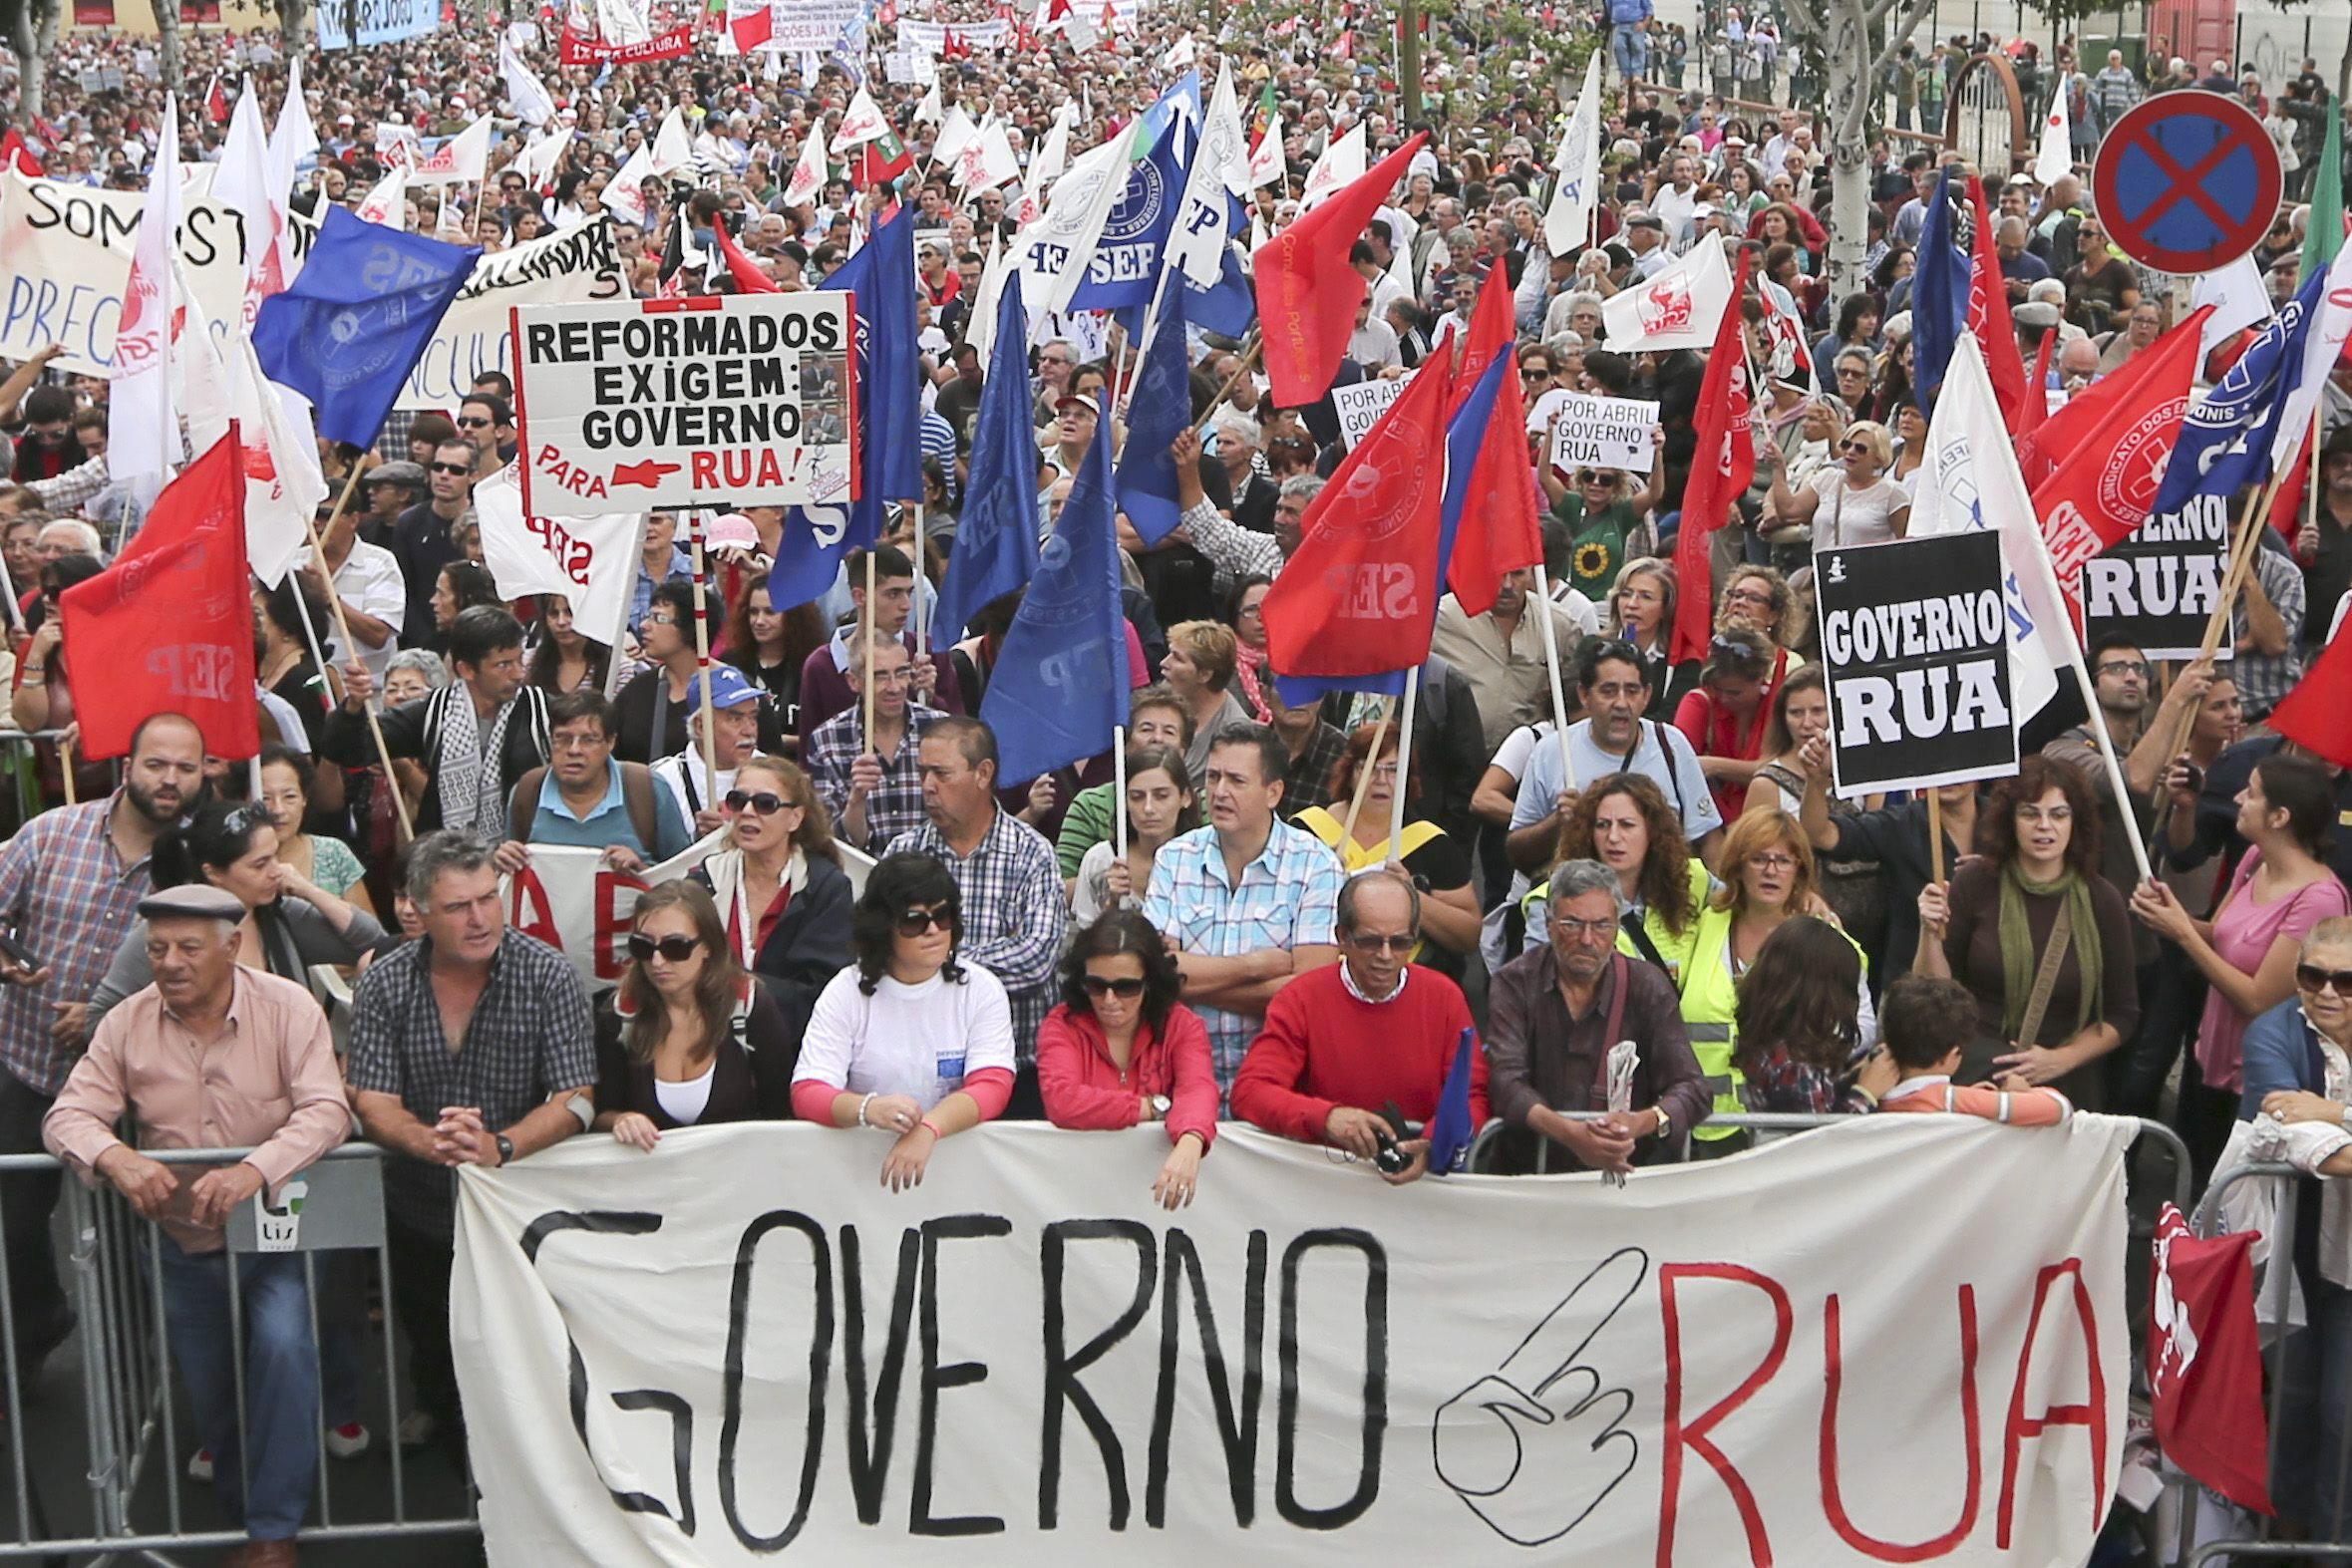 El sindicato portugués CGTP pide al presidente que actué contra presupuesto